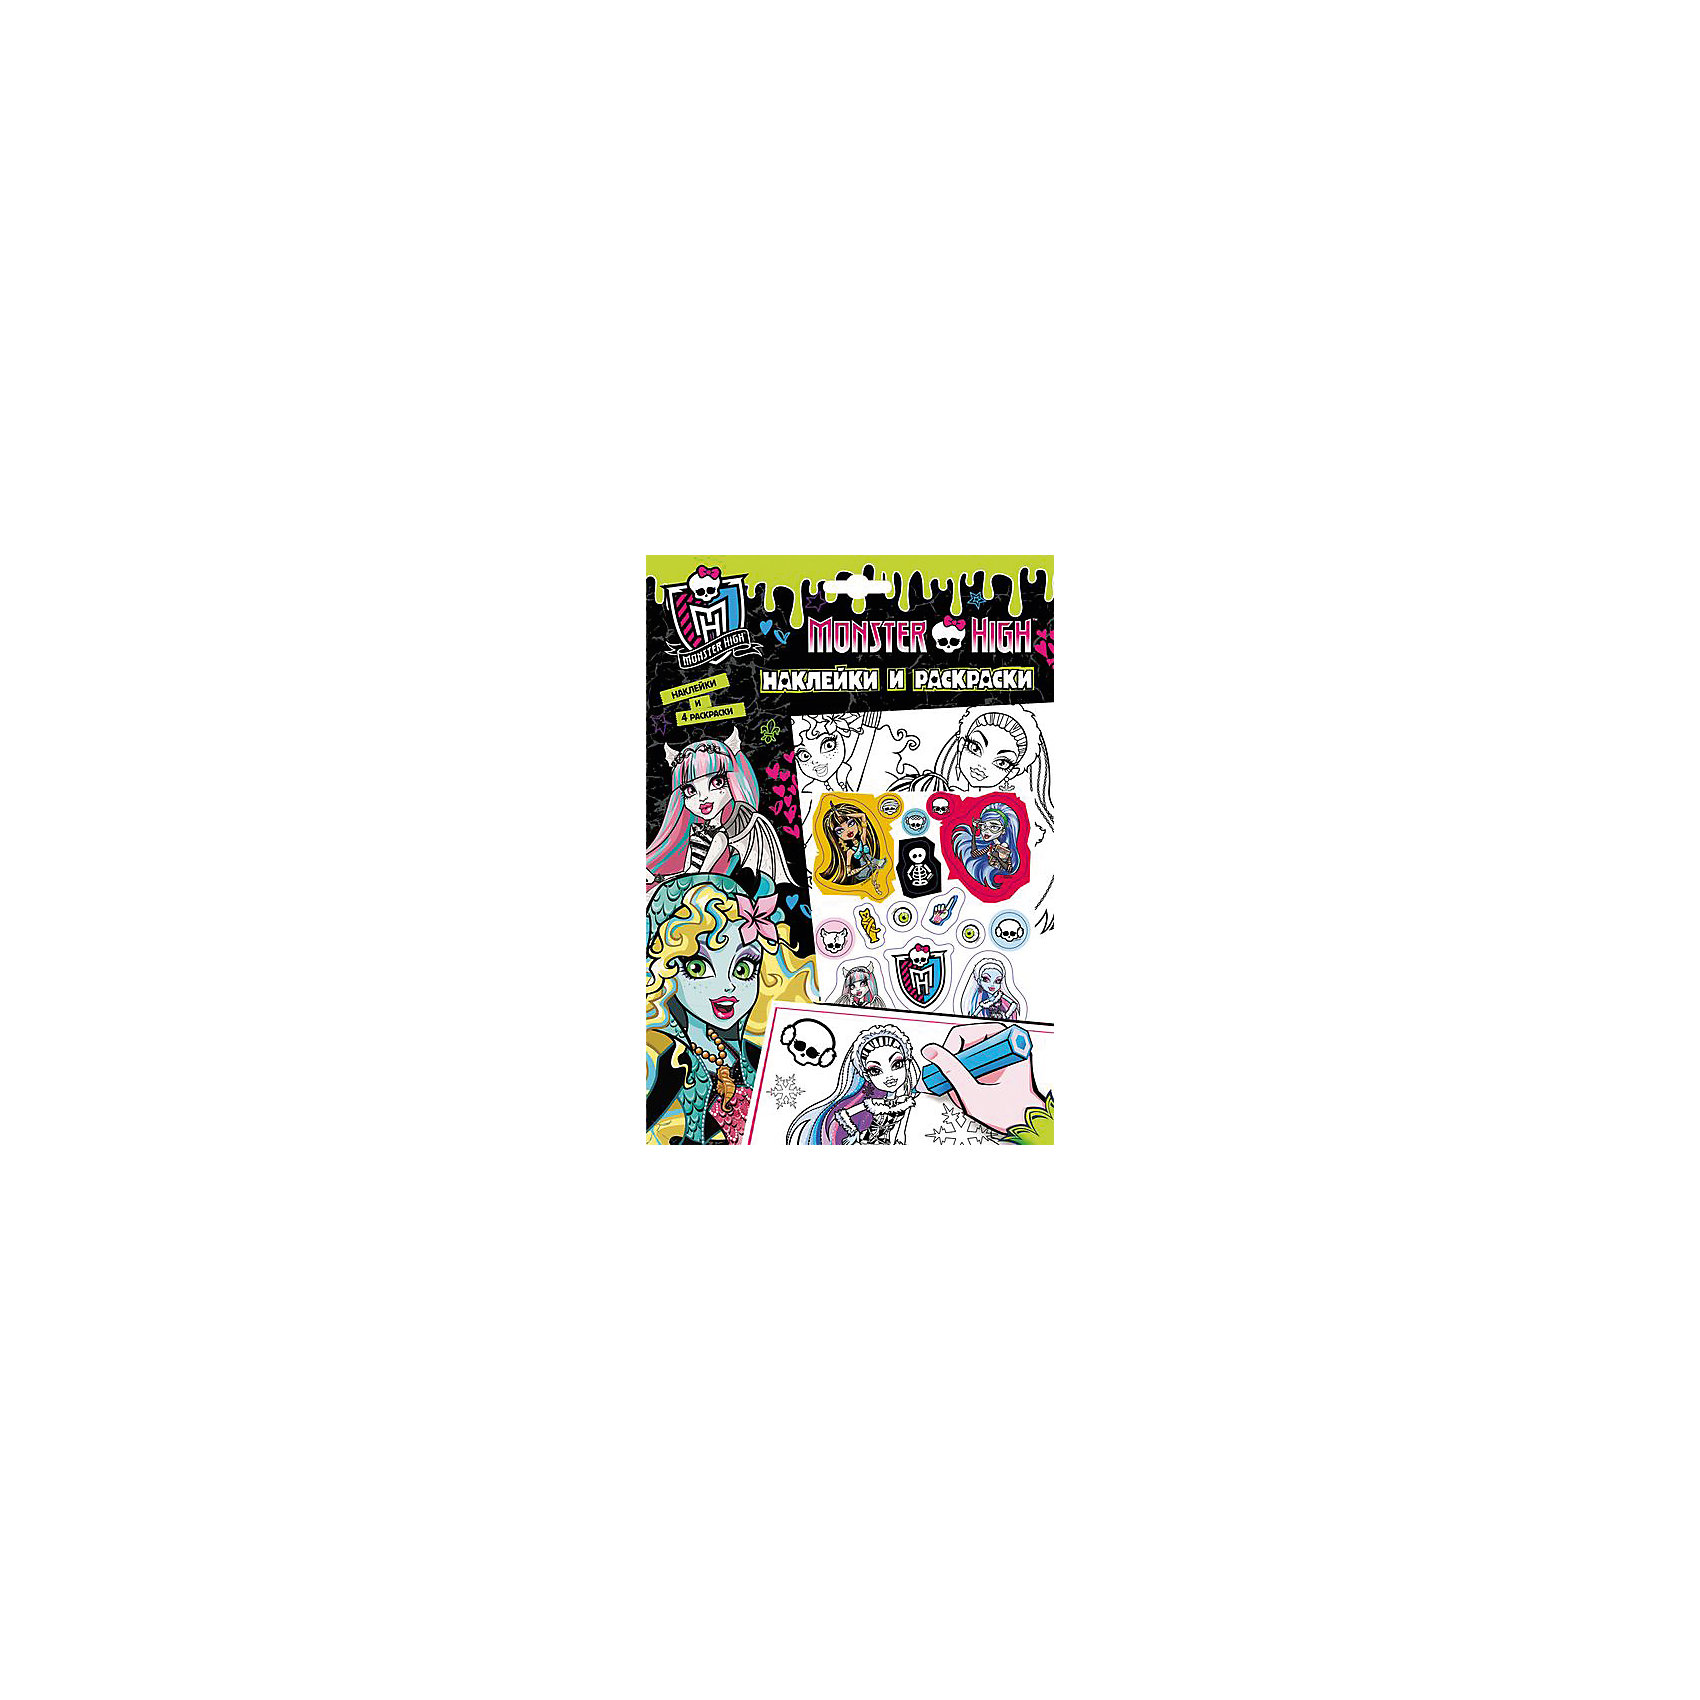 Росмэн Наклейки и раскраски (зеленая), Monster High росмэн наклейки и раскраски голубая monster high